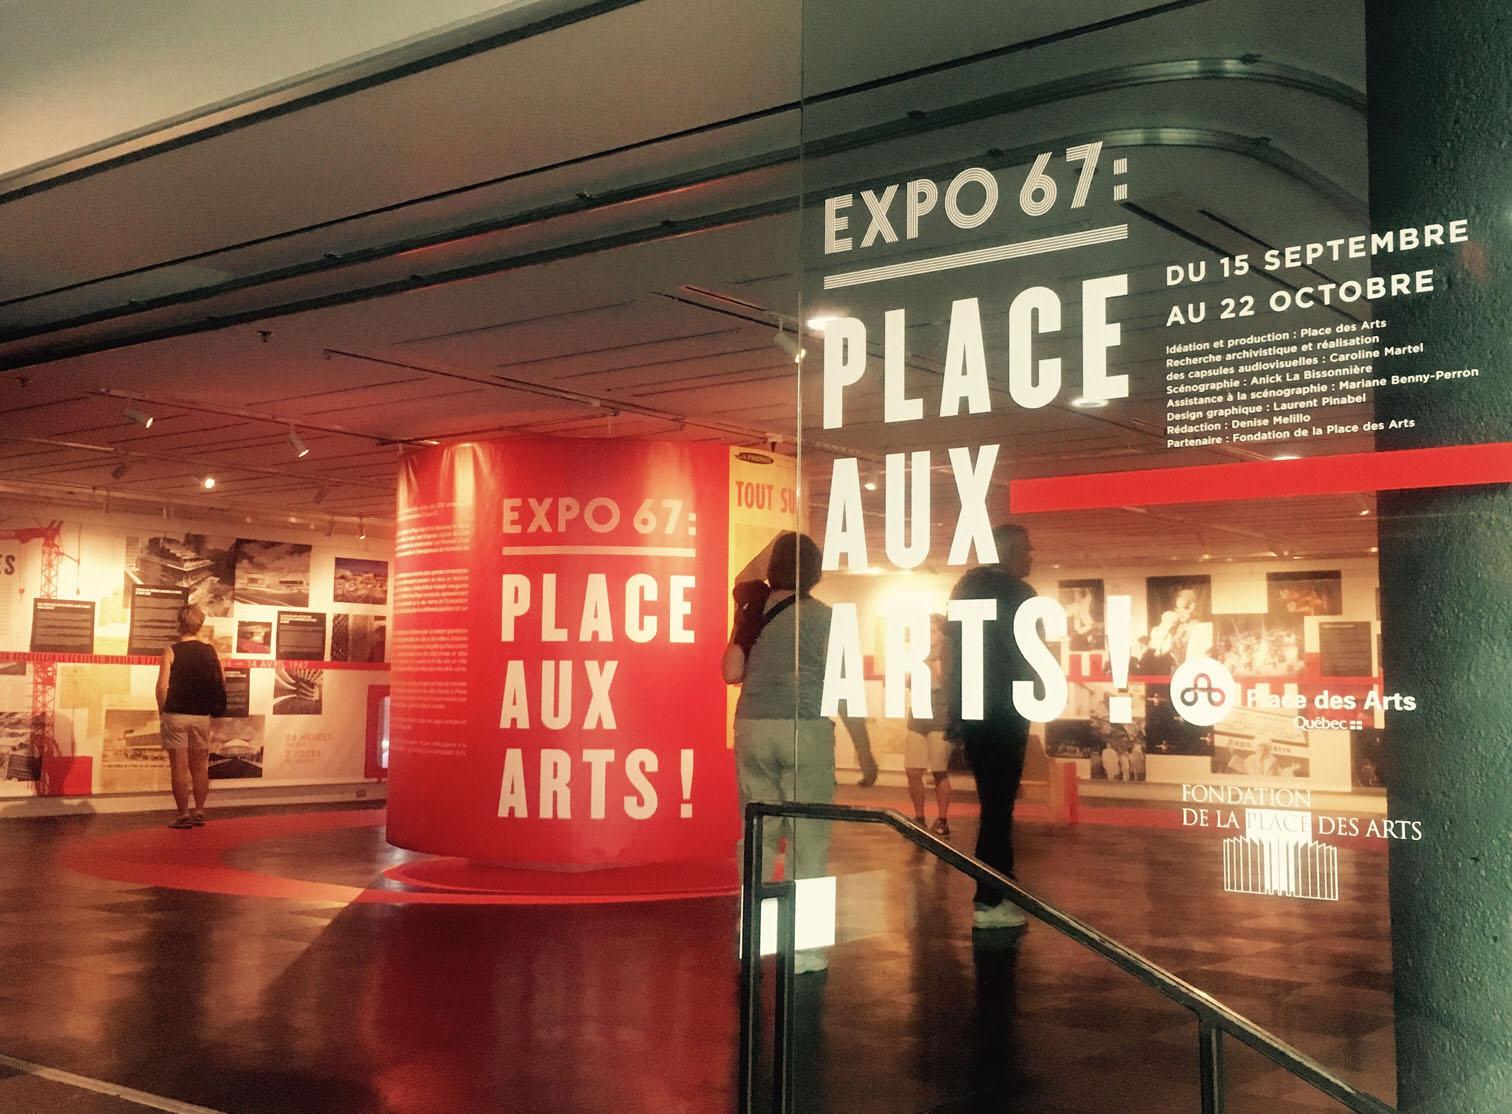 Entrée de l'exposition Expo 67 : Place aux arts! mettant en espace des archives journalistiques, photographiques, audiovisuelles et sonores sur le Festival mondial des arts